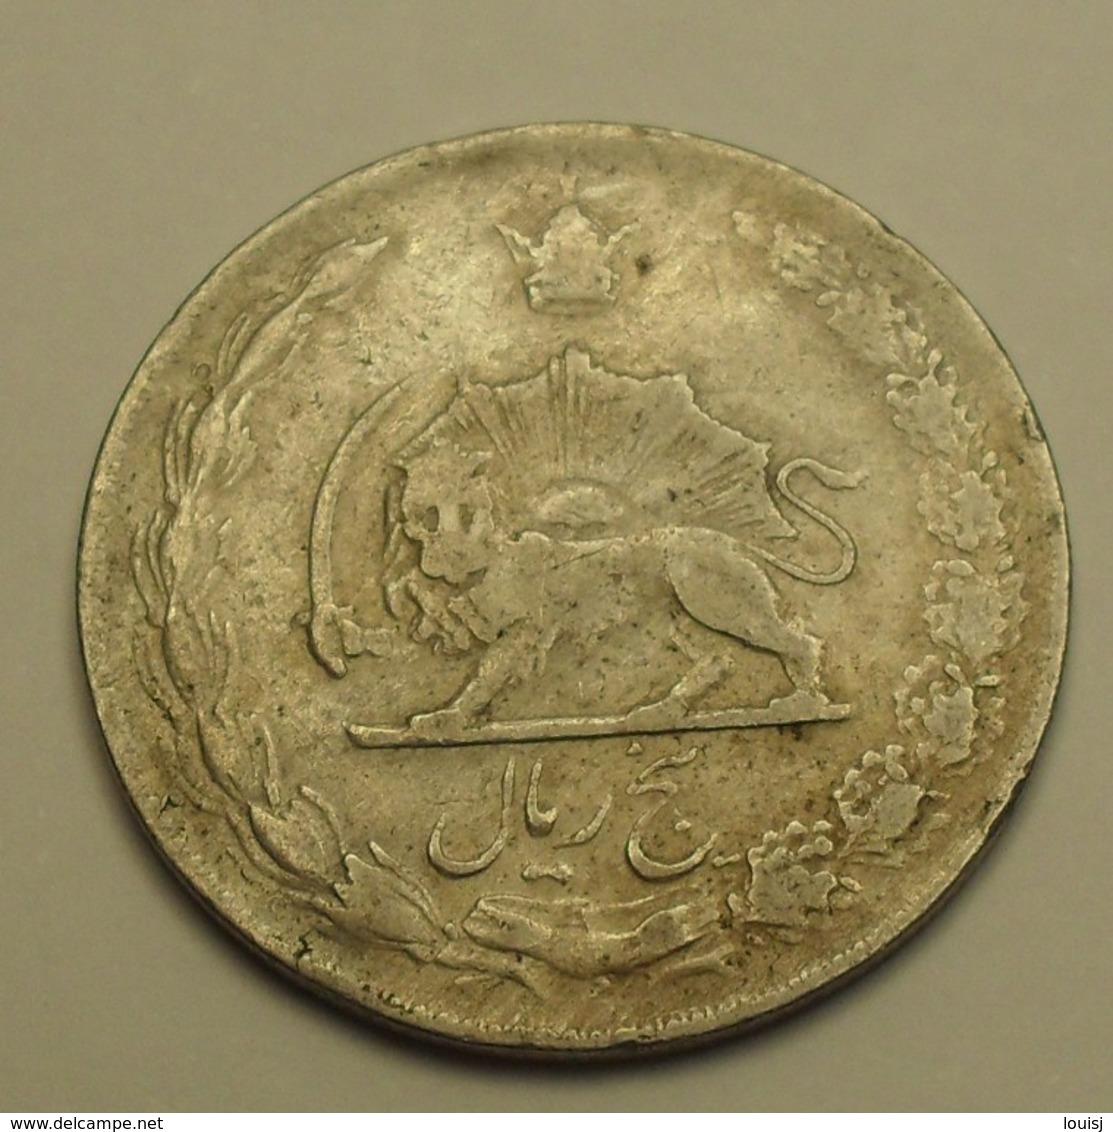 1968 - Iran - 1347 - 5 RIALS, Mohammad Reza Pahlavi - KM 1176 - Iran